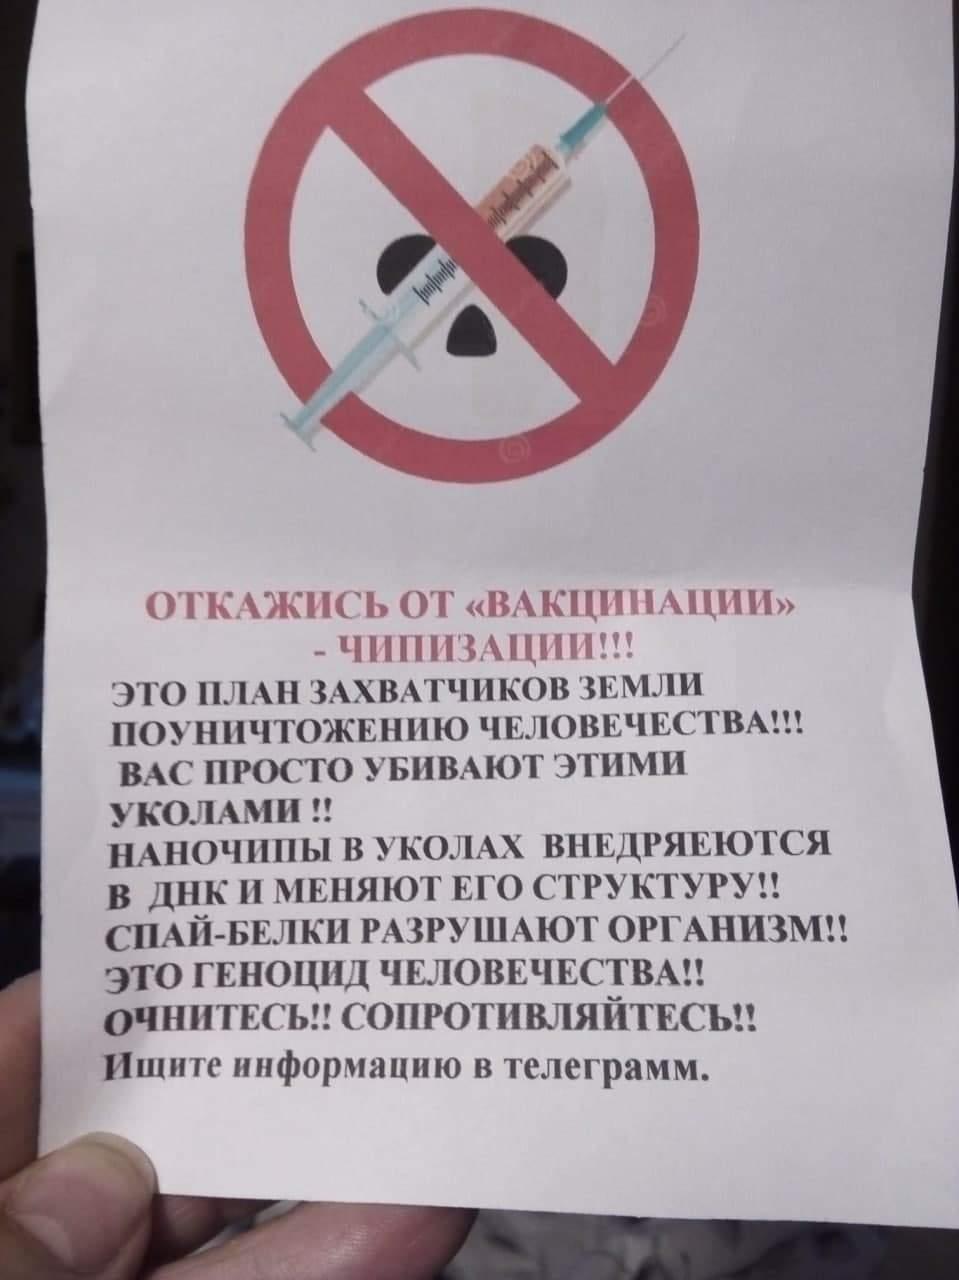 Київ, антивакцинатори, вакцини, Троєщина, листівки